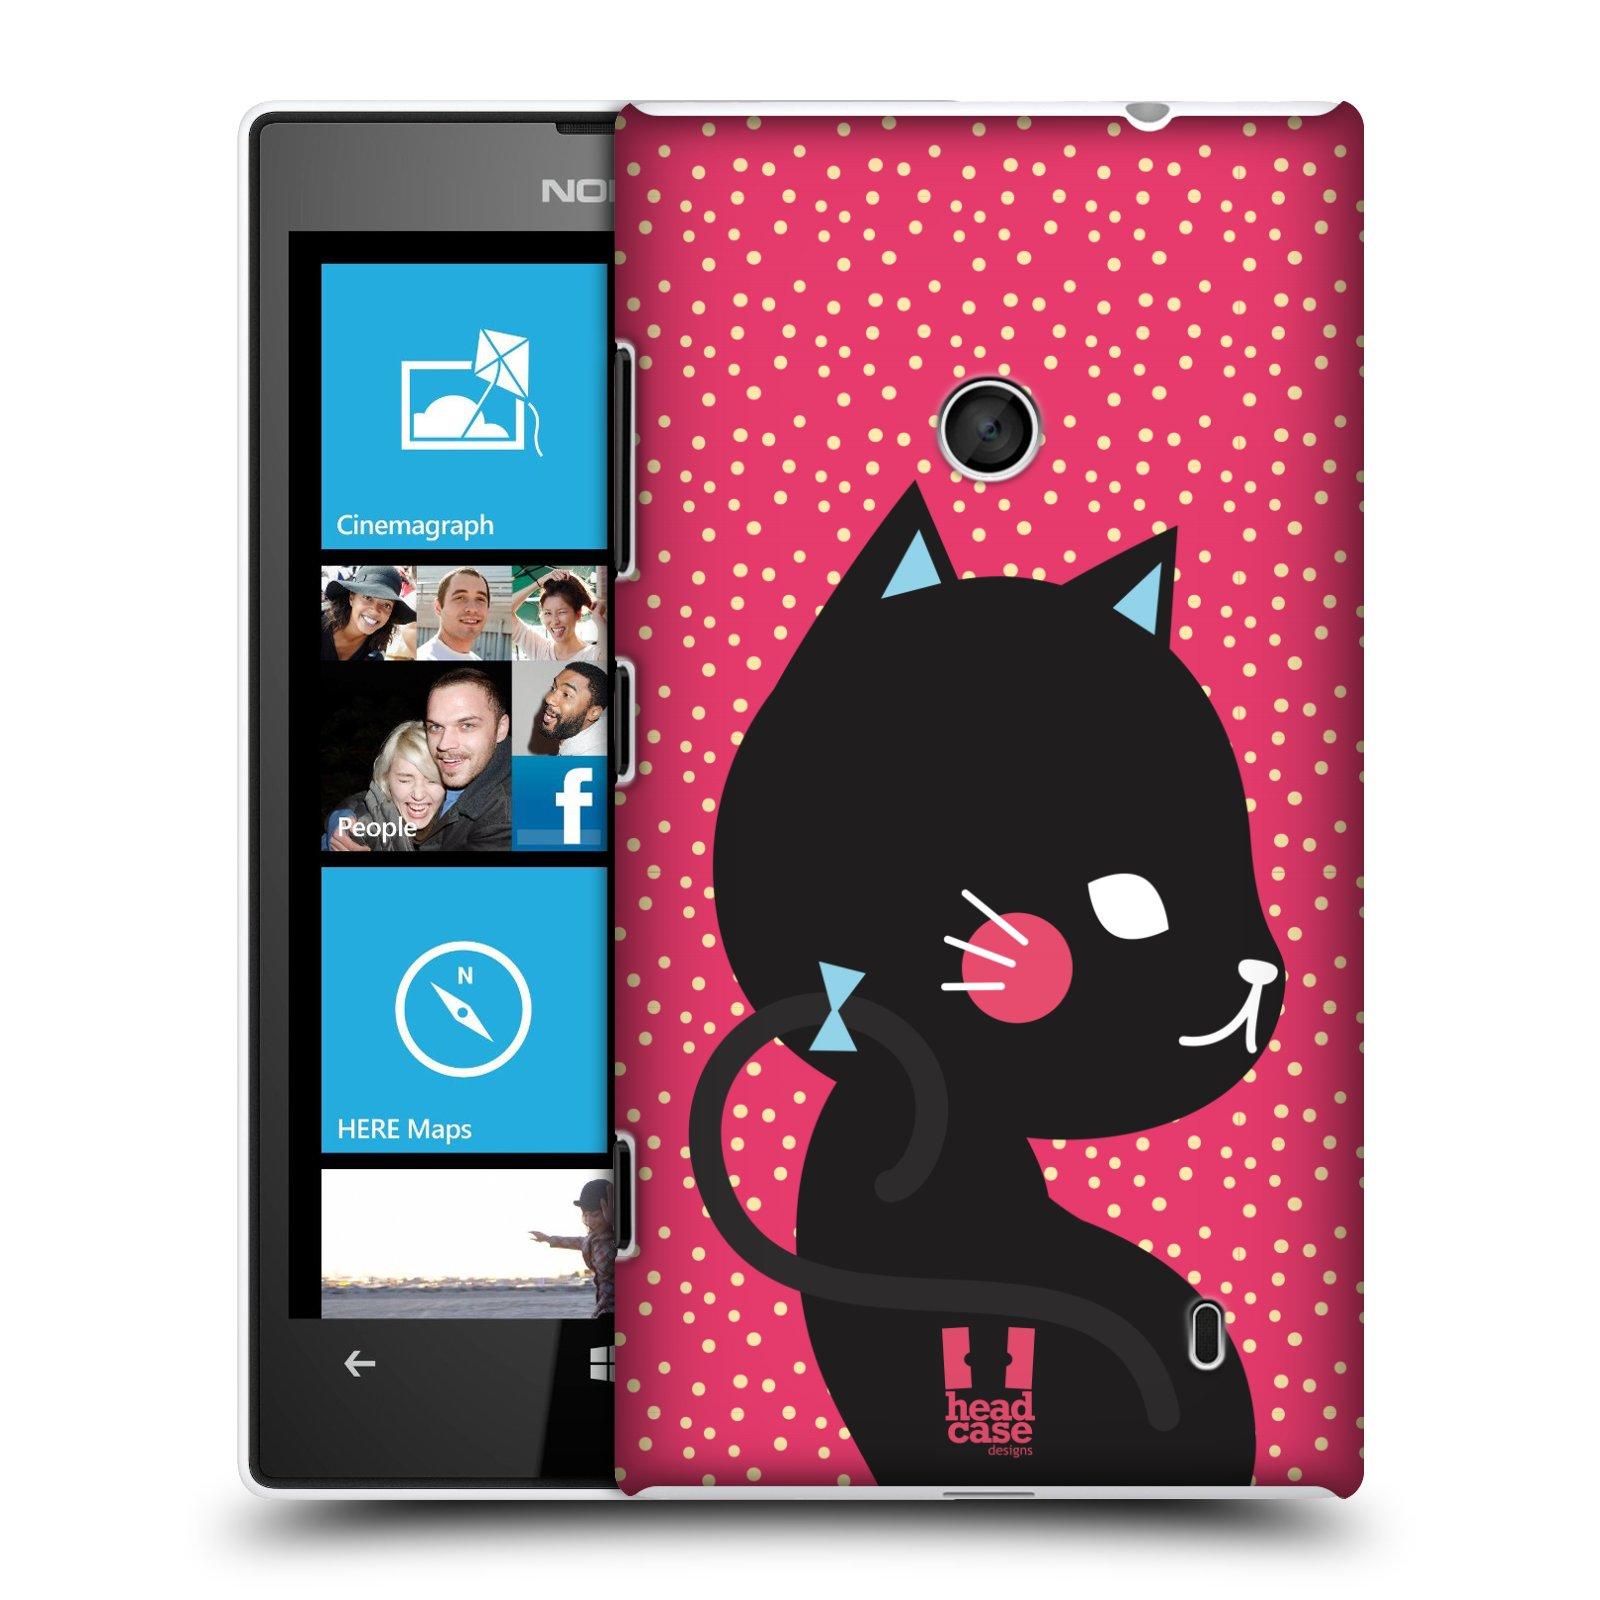 Plastové pouzdro na mobil Nokia Lumia 520 HEAD CASE KOČIČKA ČERNÁ NA RŮŽOVÉ (Kryt či obal na mobilní telefon Nokia Lumia 520 )